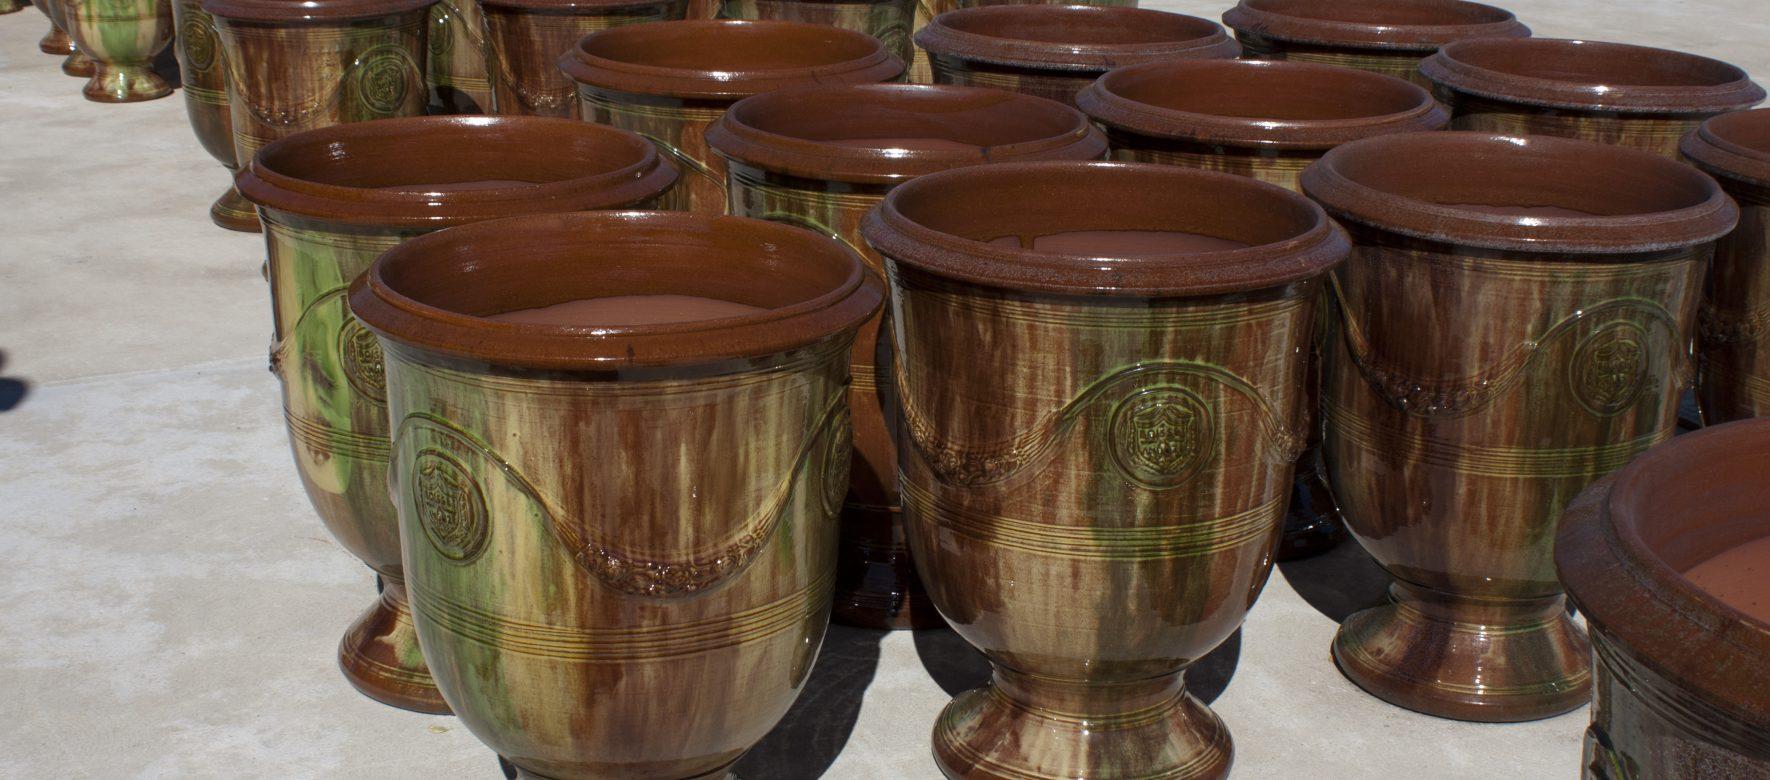 Le savoir-faire français en poterie s'exporte jusqu'en Arabie saoudite